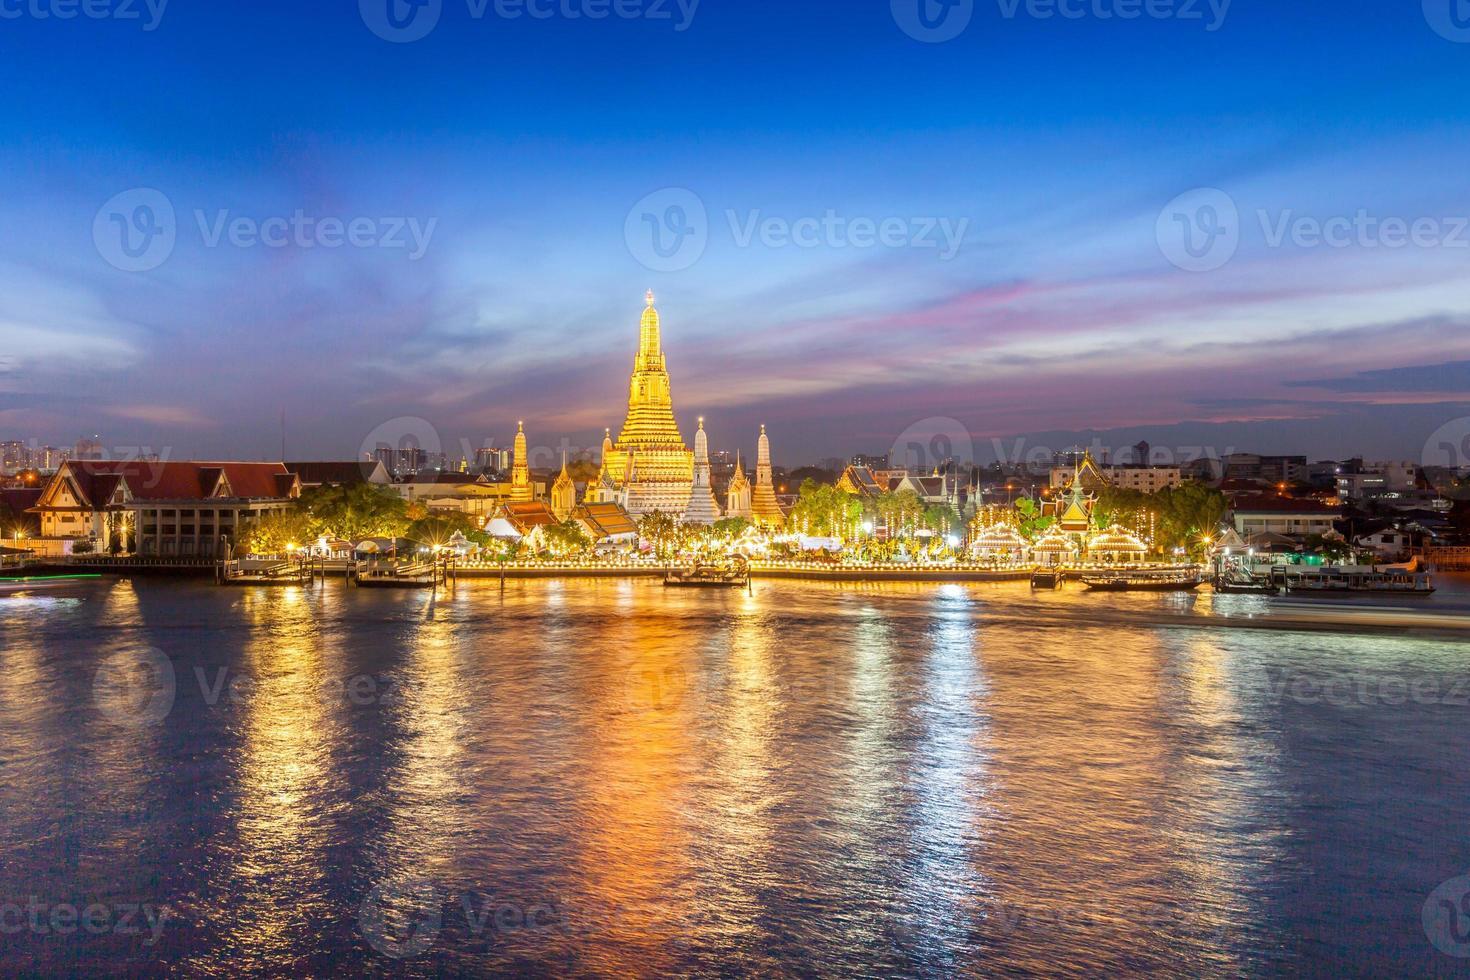 luci del tempio e della città riflesse nell'acqua foto